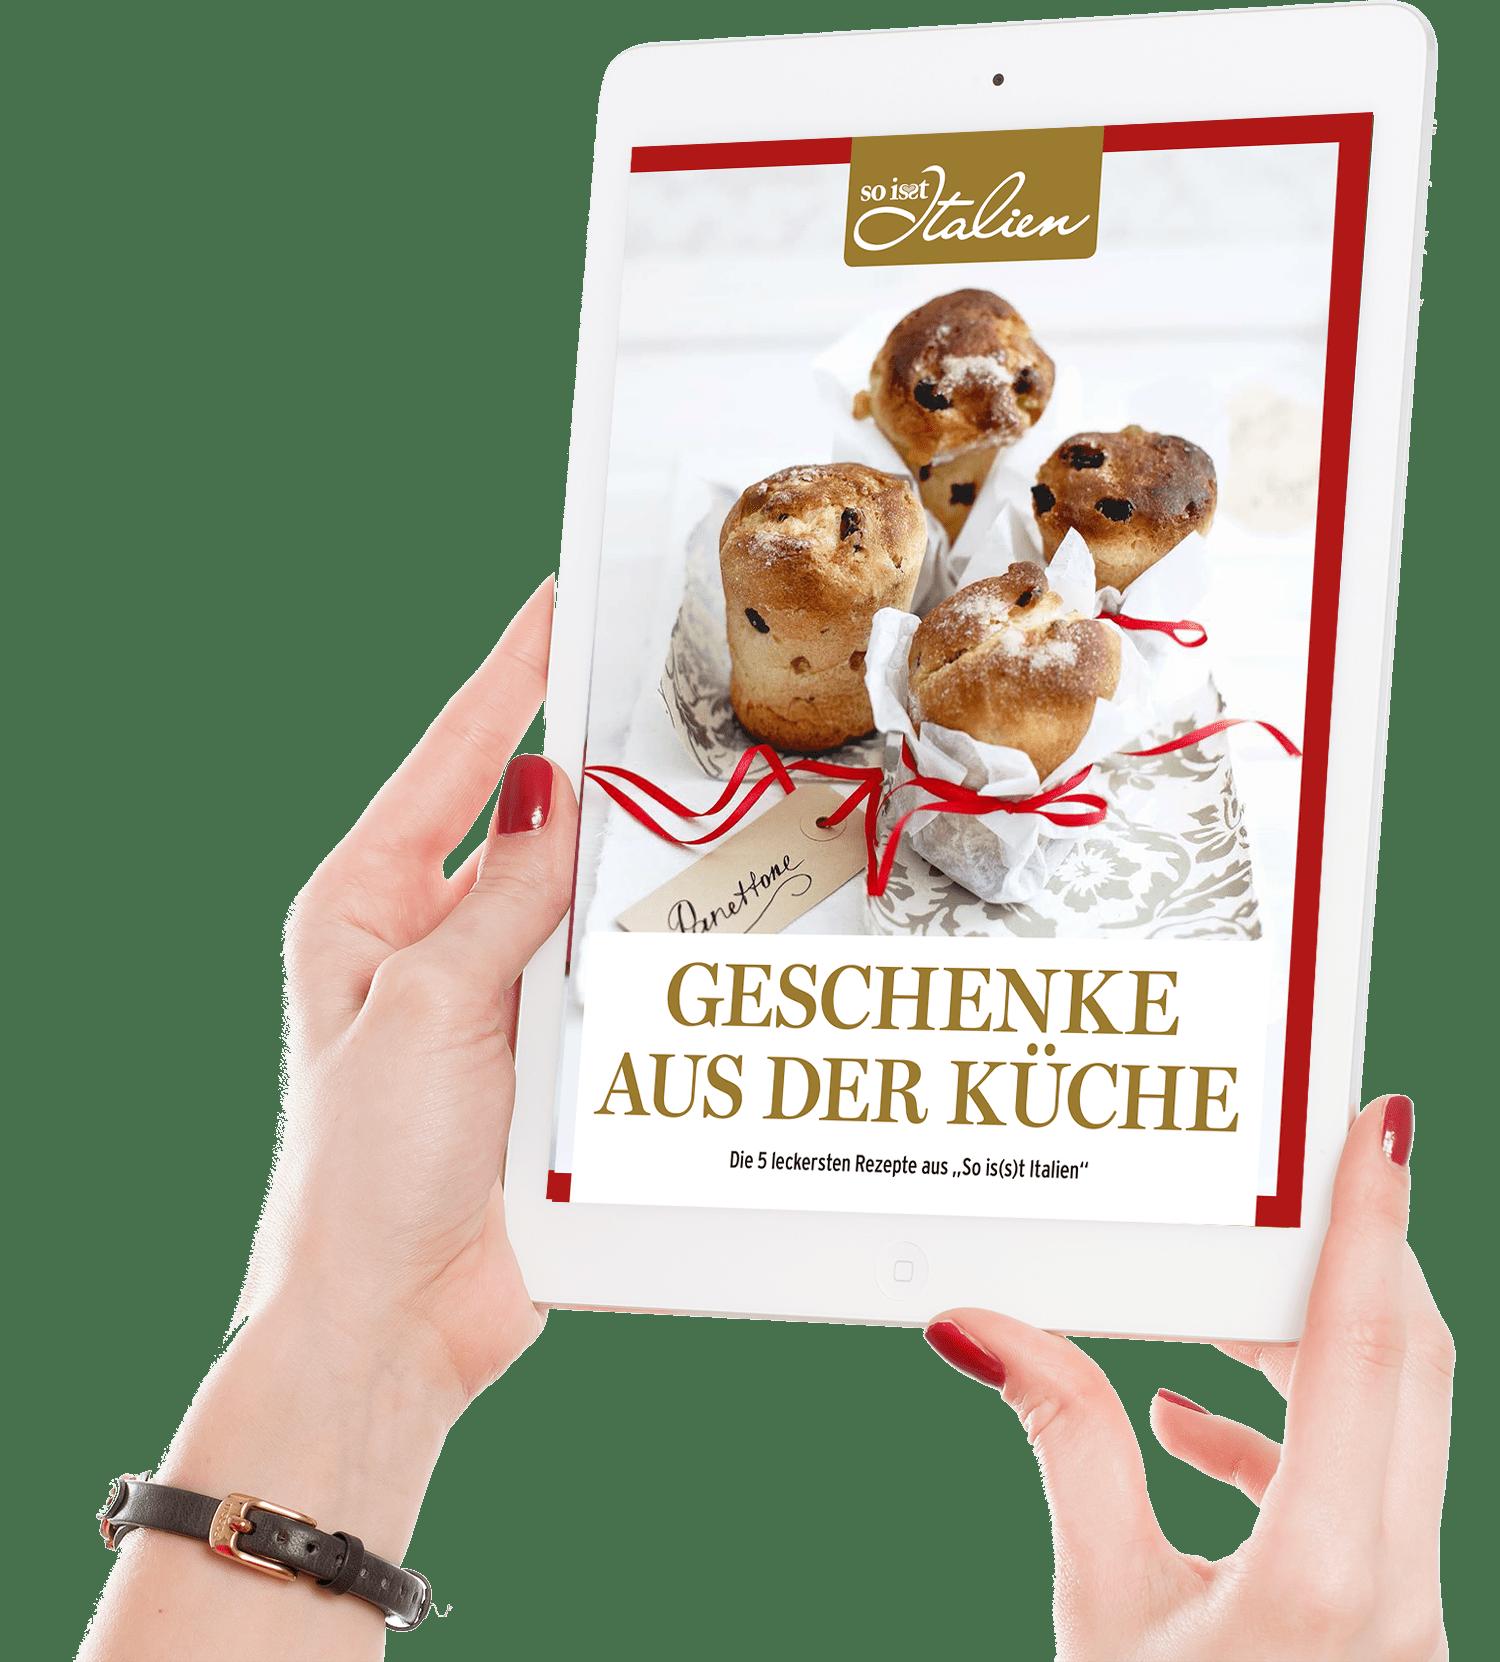 ❤ Gratis: Italienische Geschenke aus der Küche: jetzt kostenlos sichern